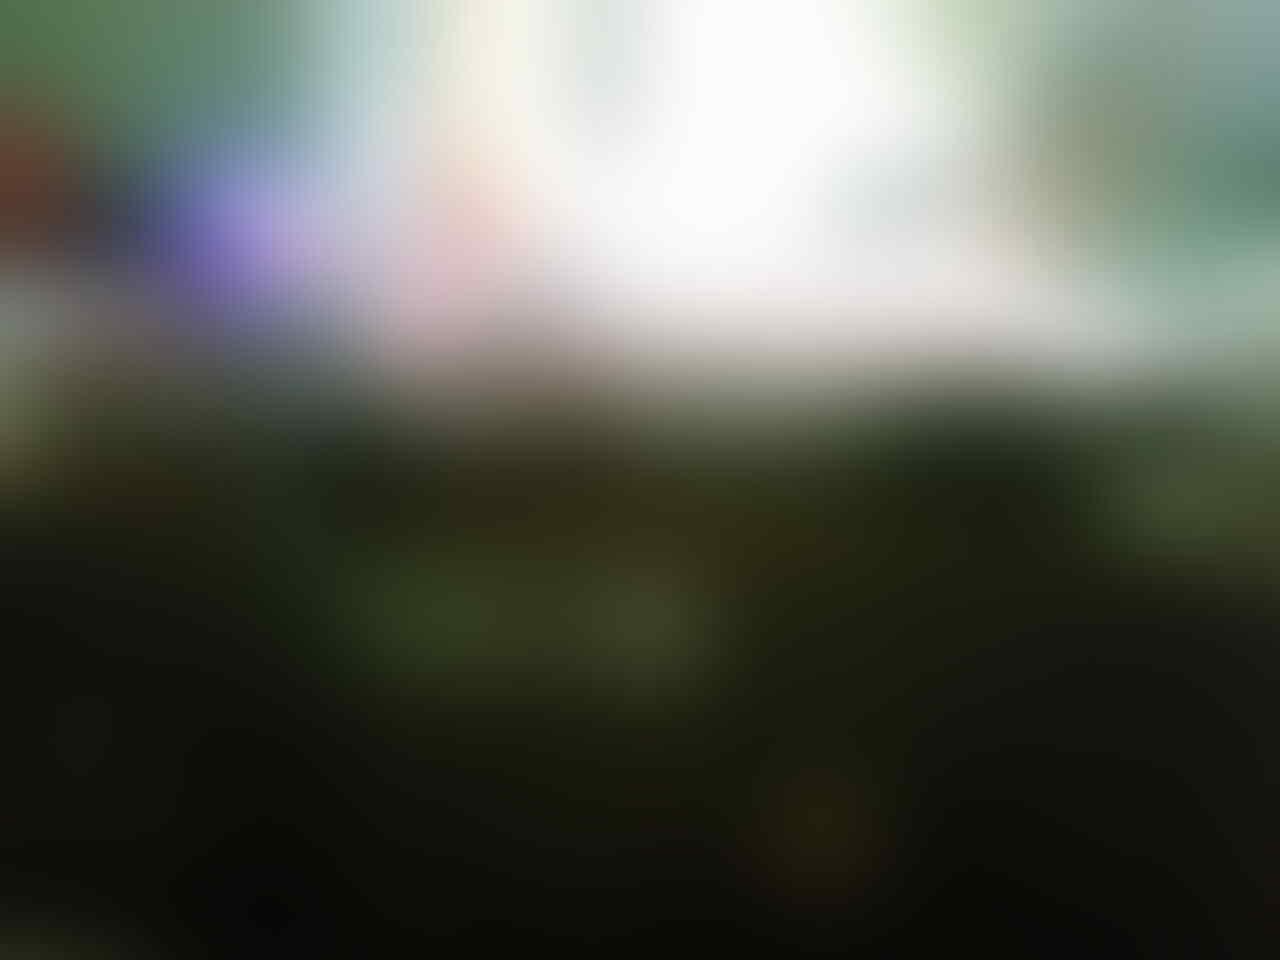 WTS / JUAL ASUS EEE PC 1225C SECOND (BARU) JOGJA